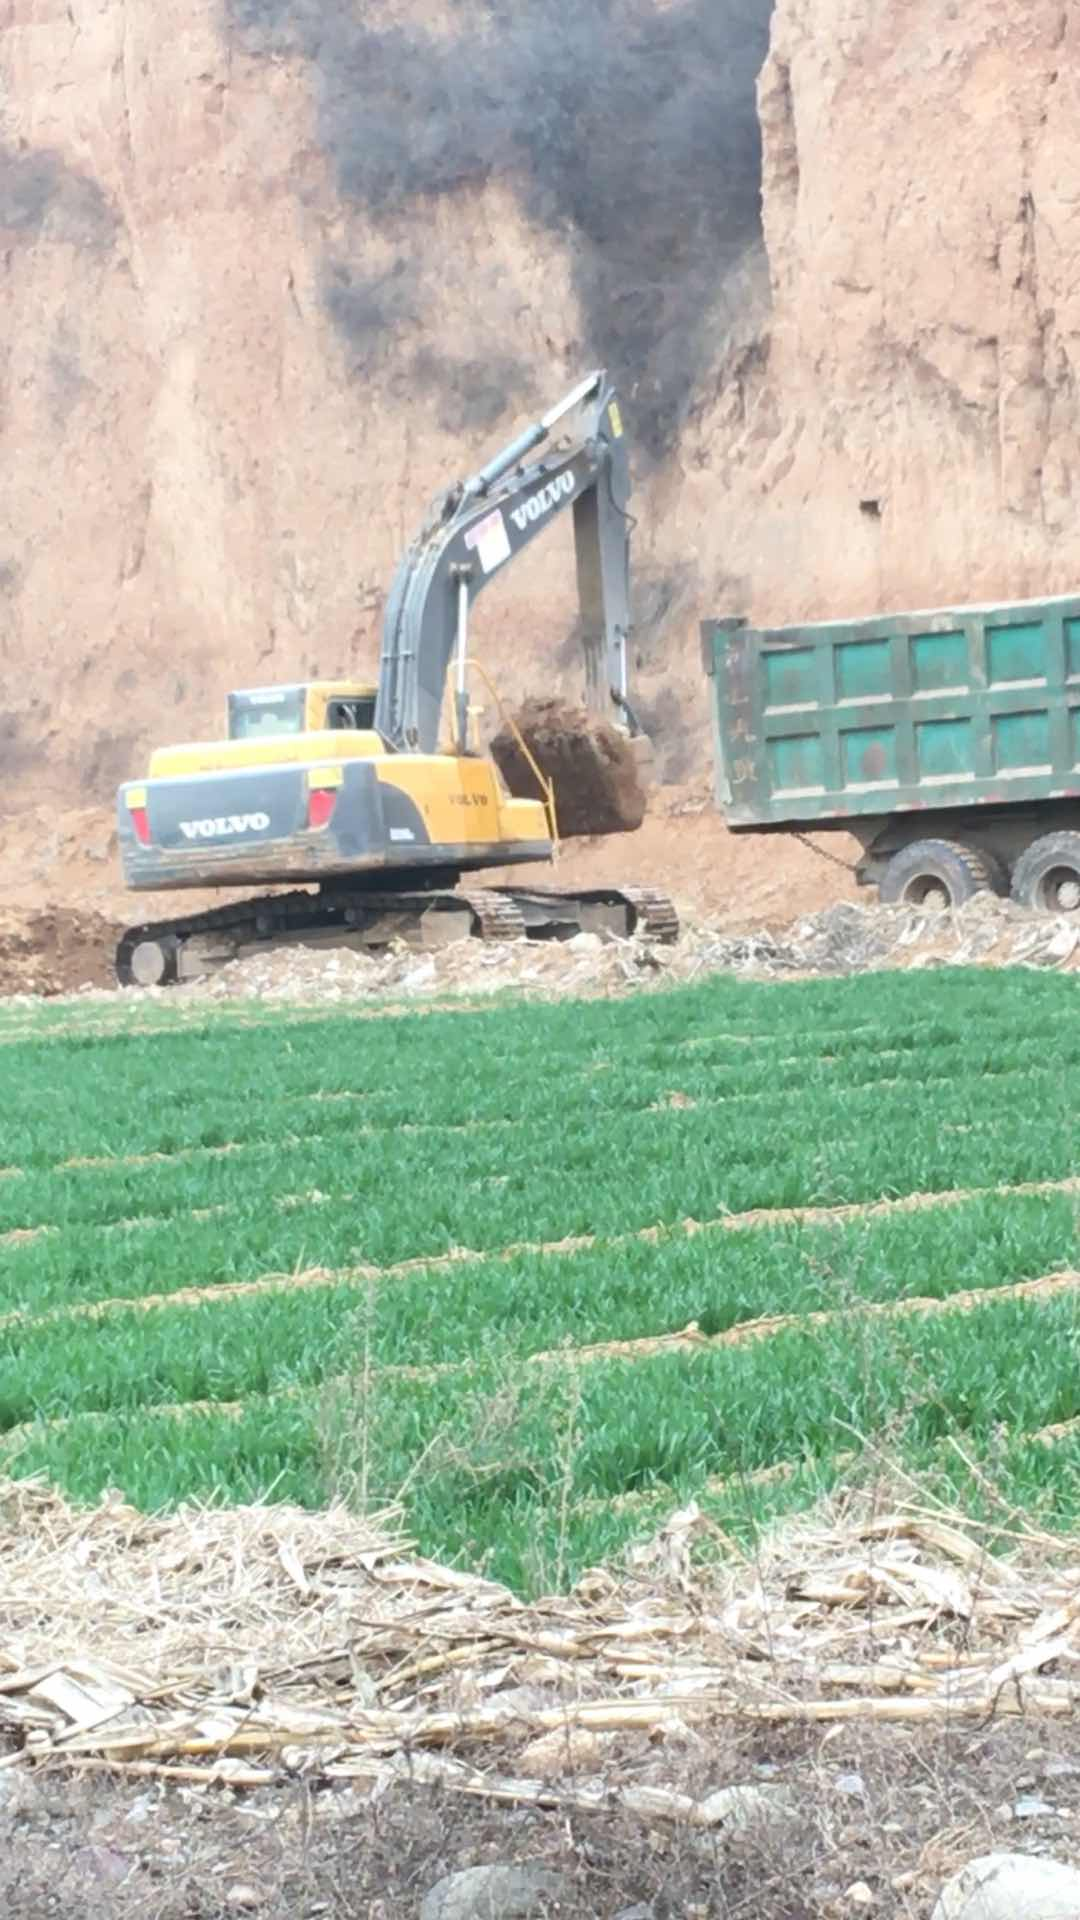 【我的家乡我的根】坐标,山西临汾翼城,这里有个挖机村